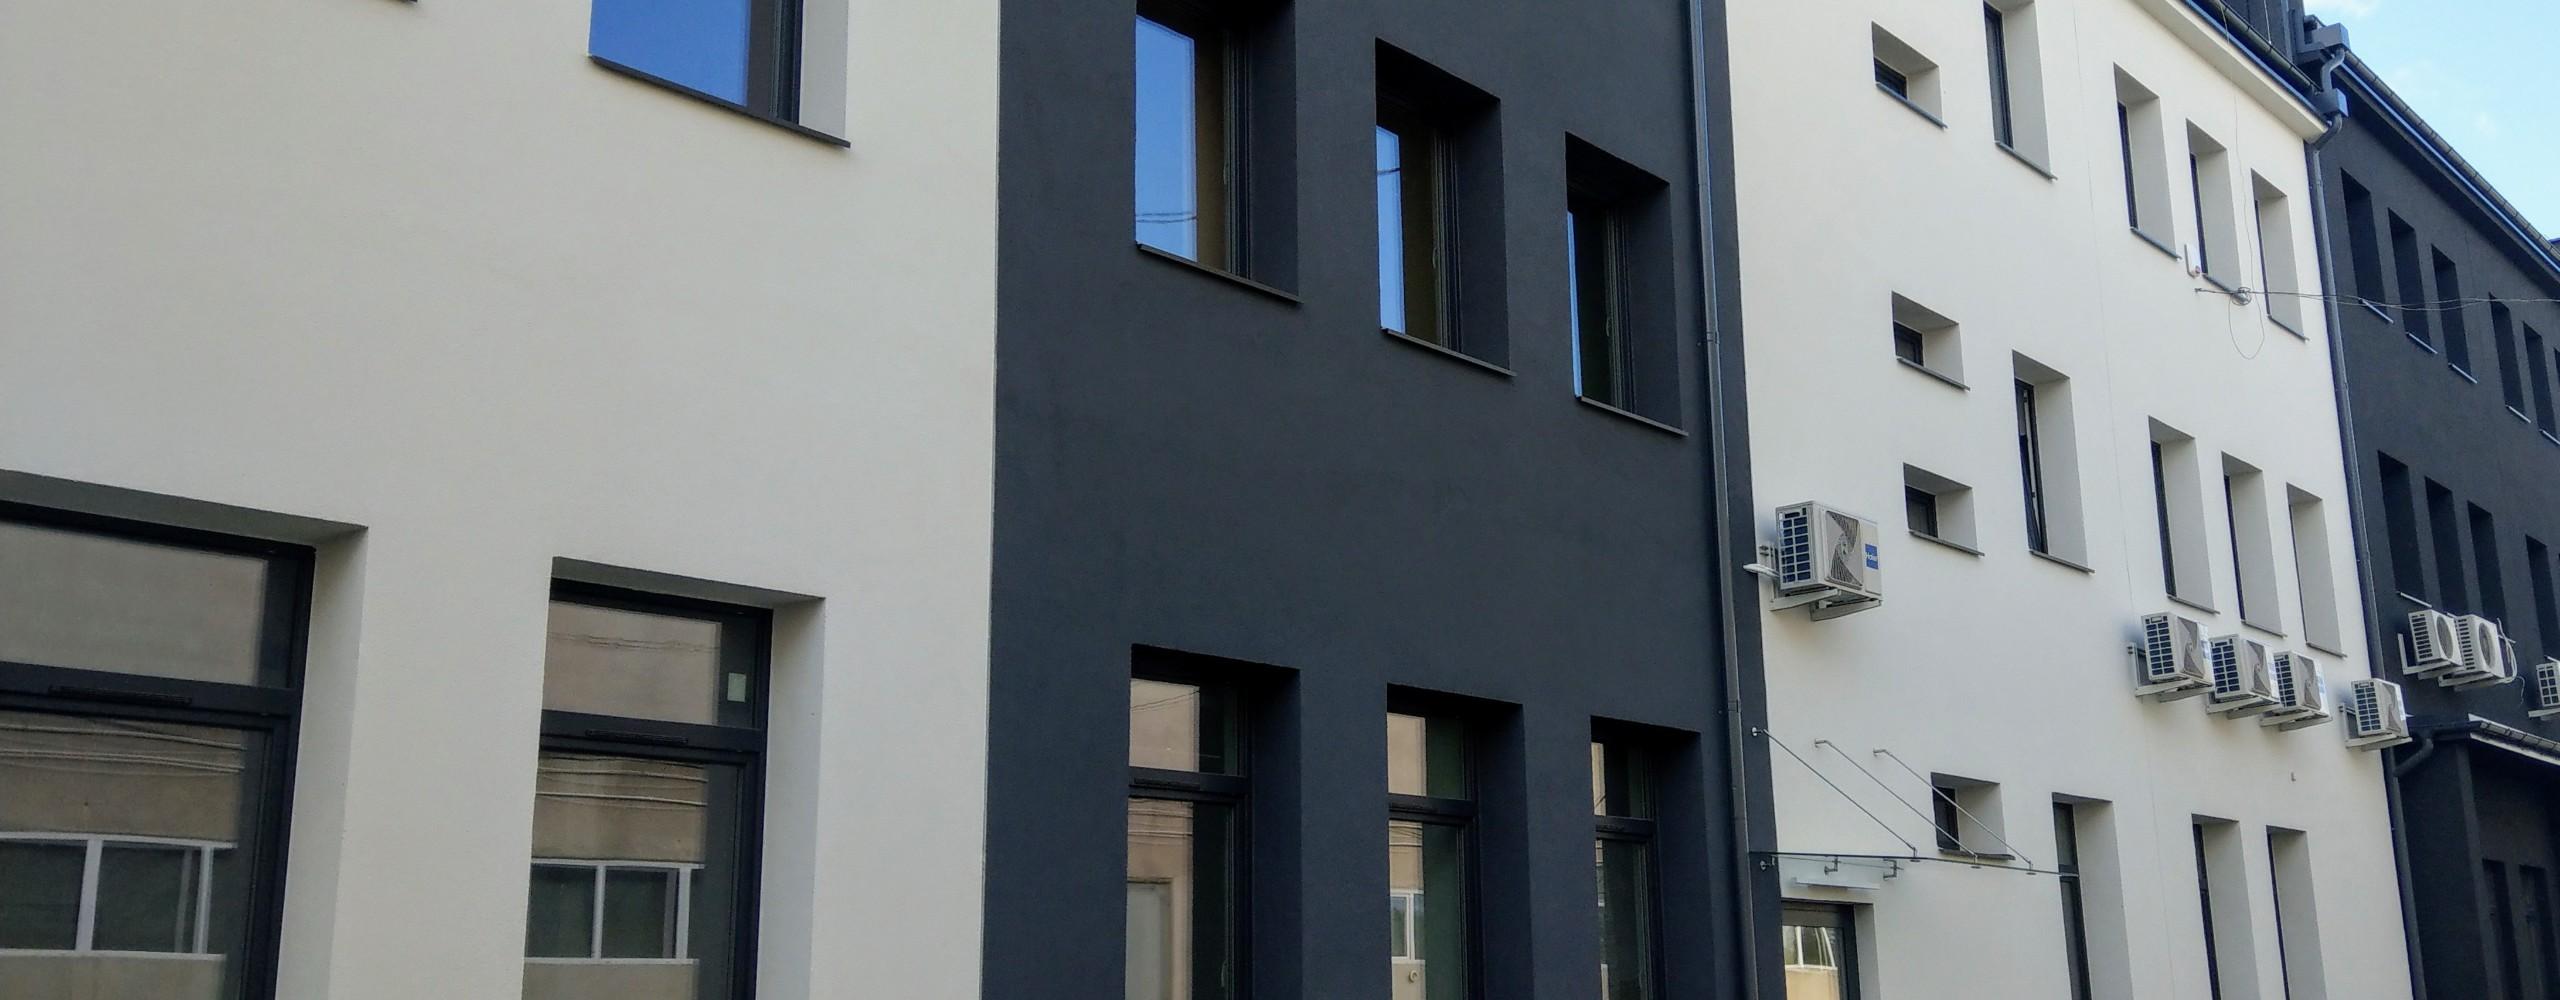 biuro o powierzchni 11m<sup>2</sup> - Farbud Nieruchomości - Lublin